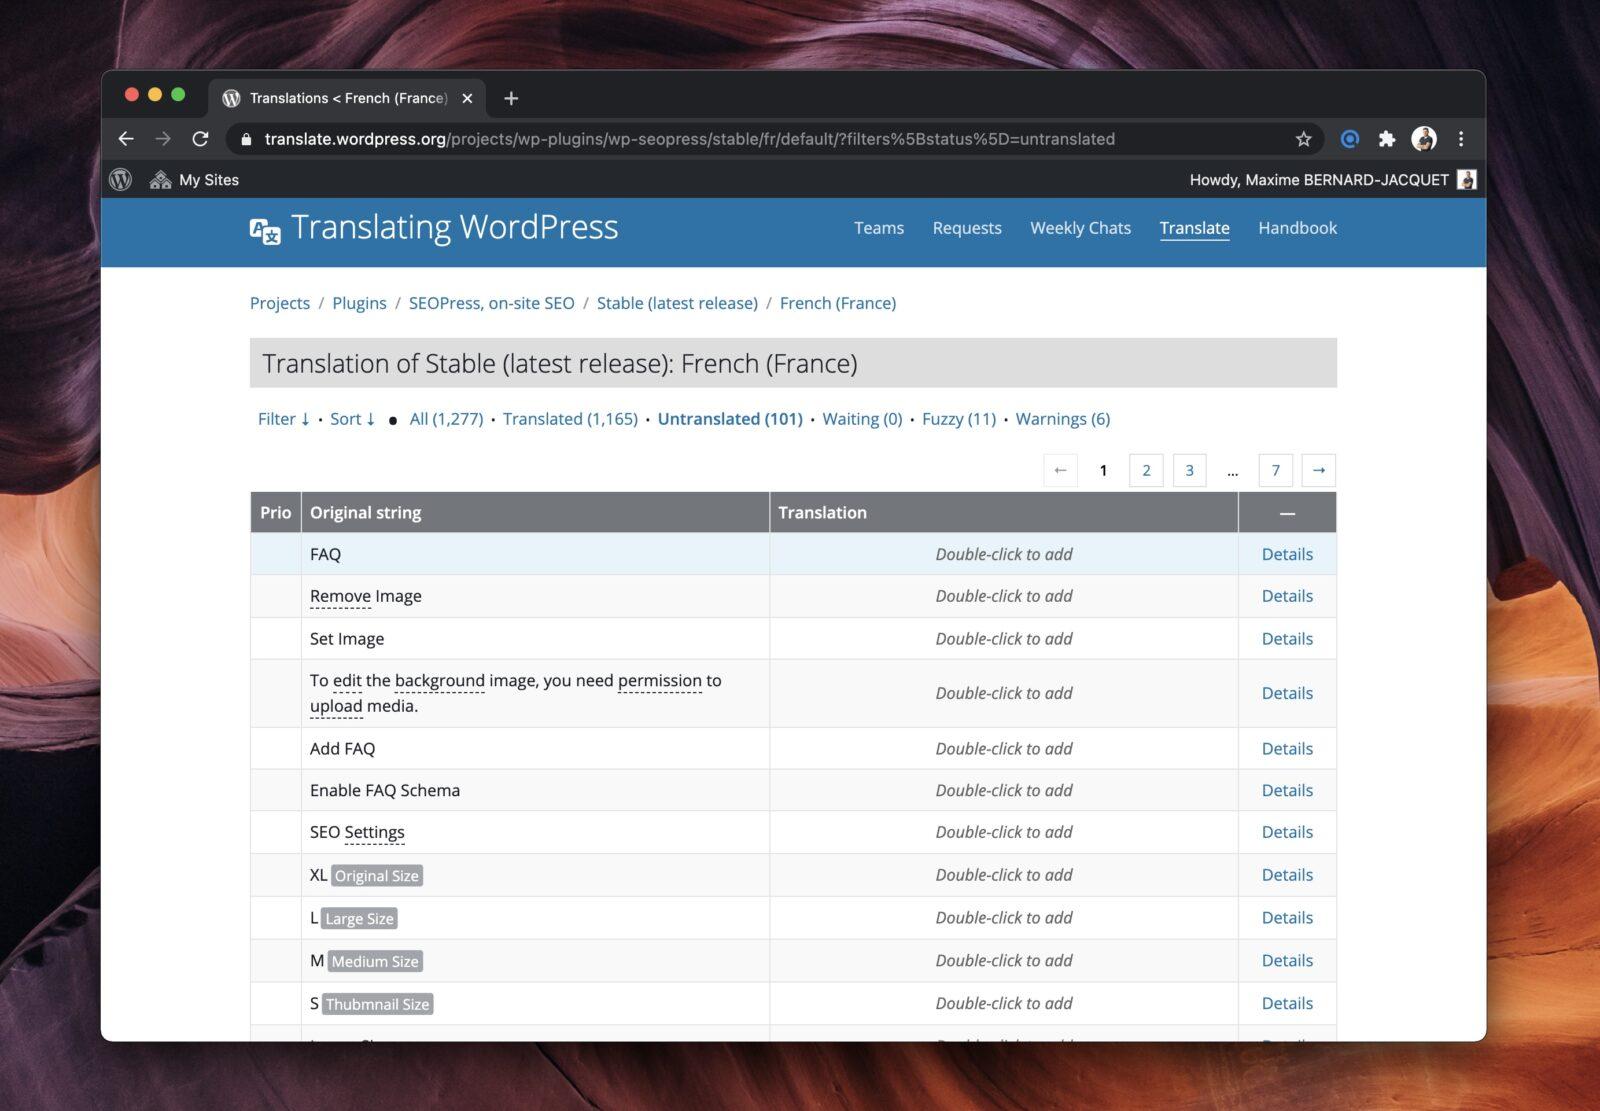 L'interface de traduction des extensions sur wordpress.org